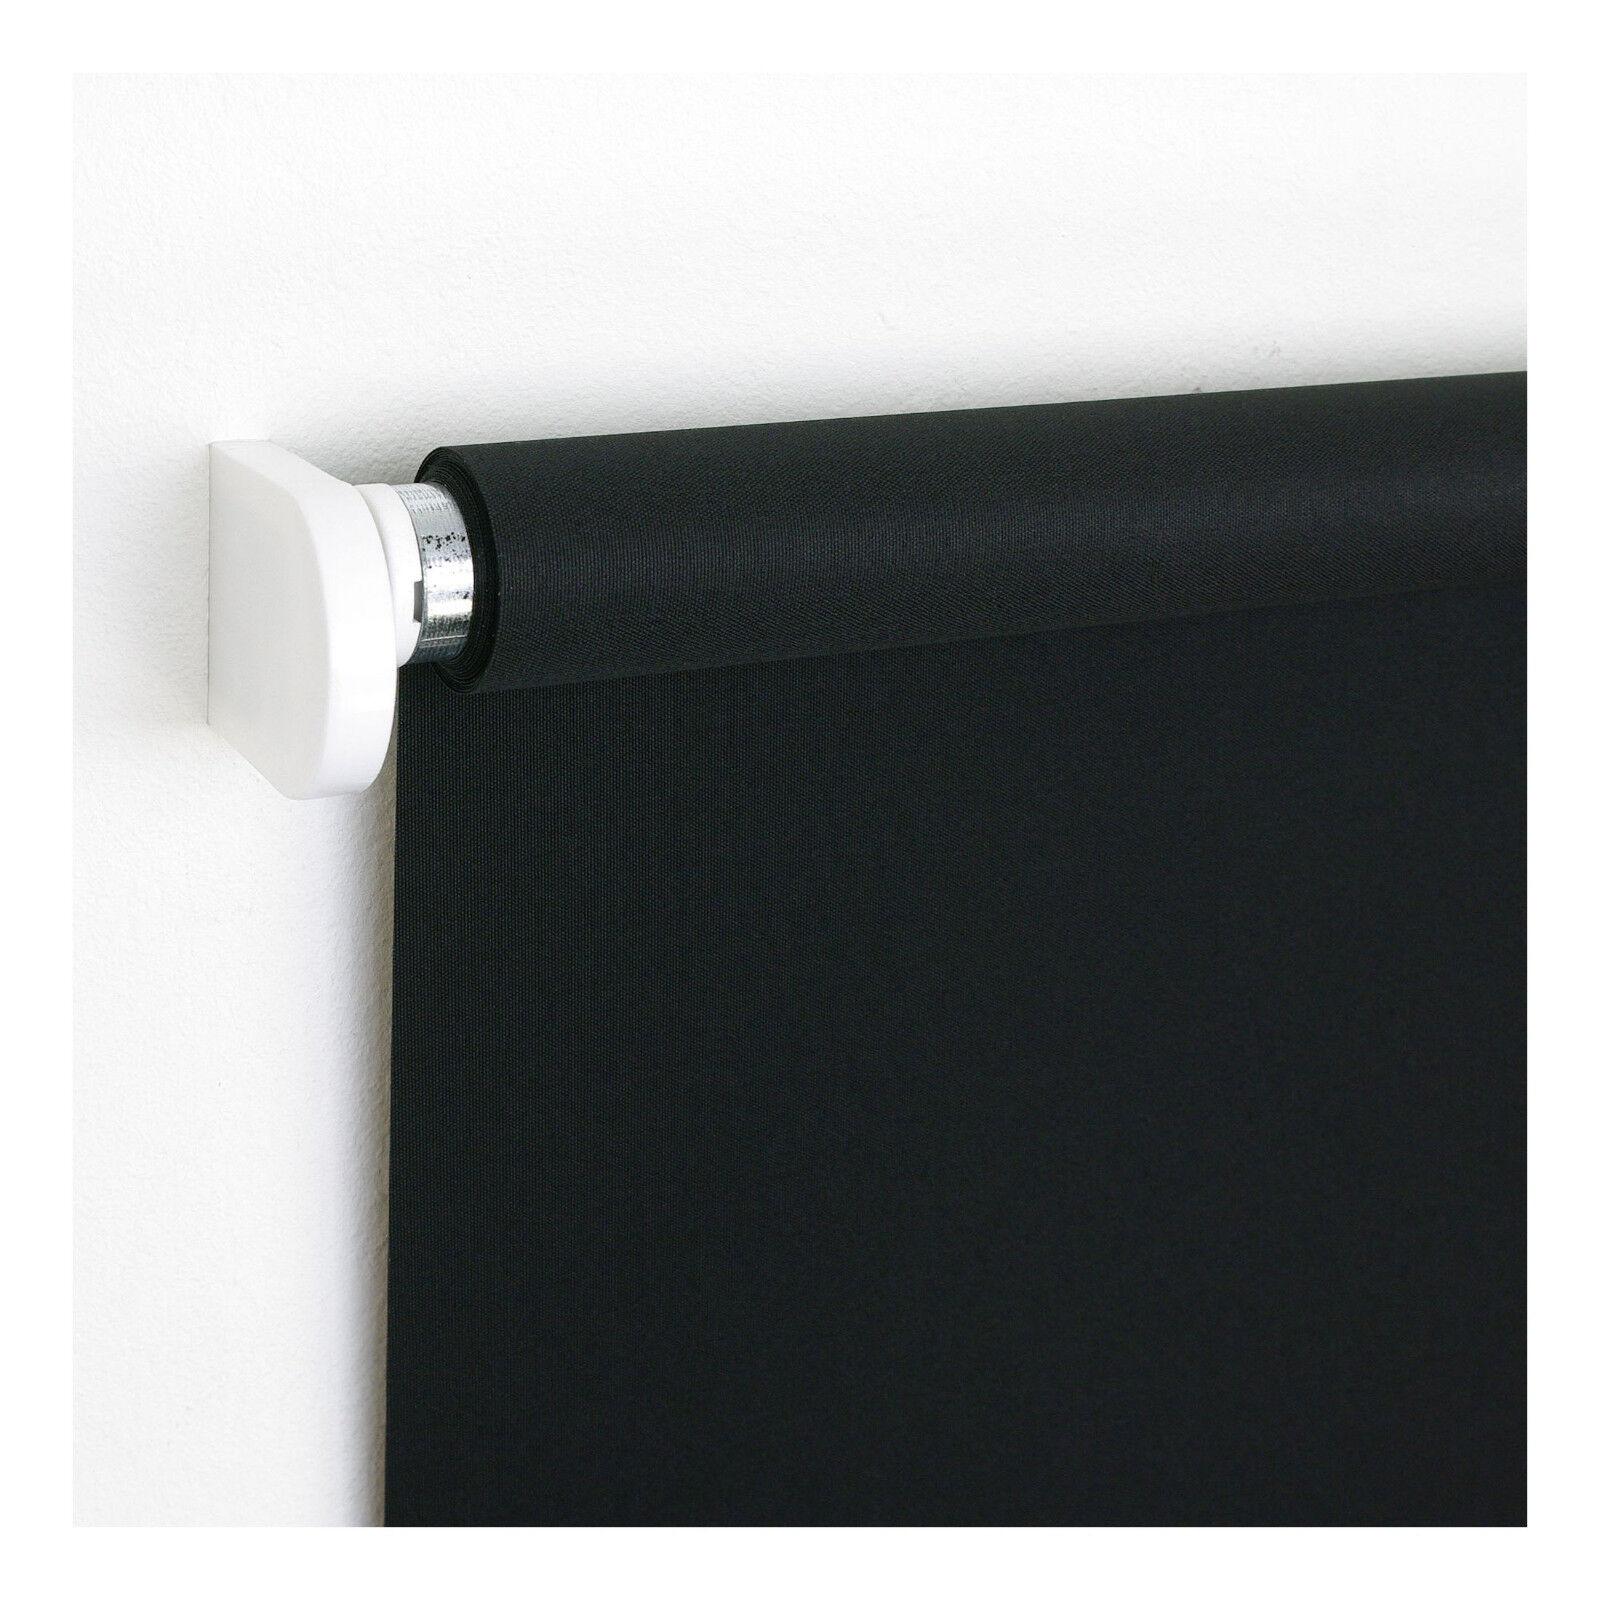 Schnapprollo Schwarz Mittelzugrollo Tür Fensterrollo Sichtschutz Dekoration  | Reichlich Und Pünktliche Lieferung  | Stilvoll und lustig  | New Product 2019